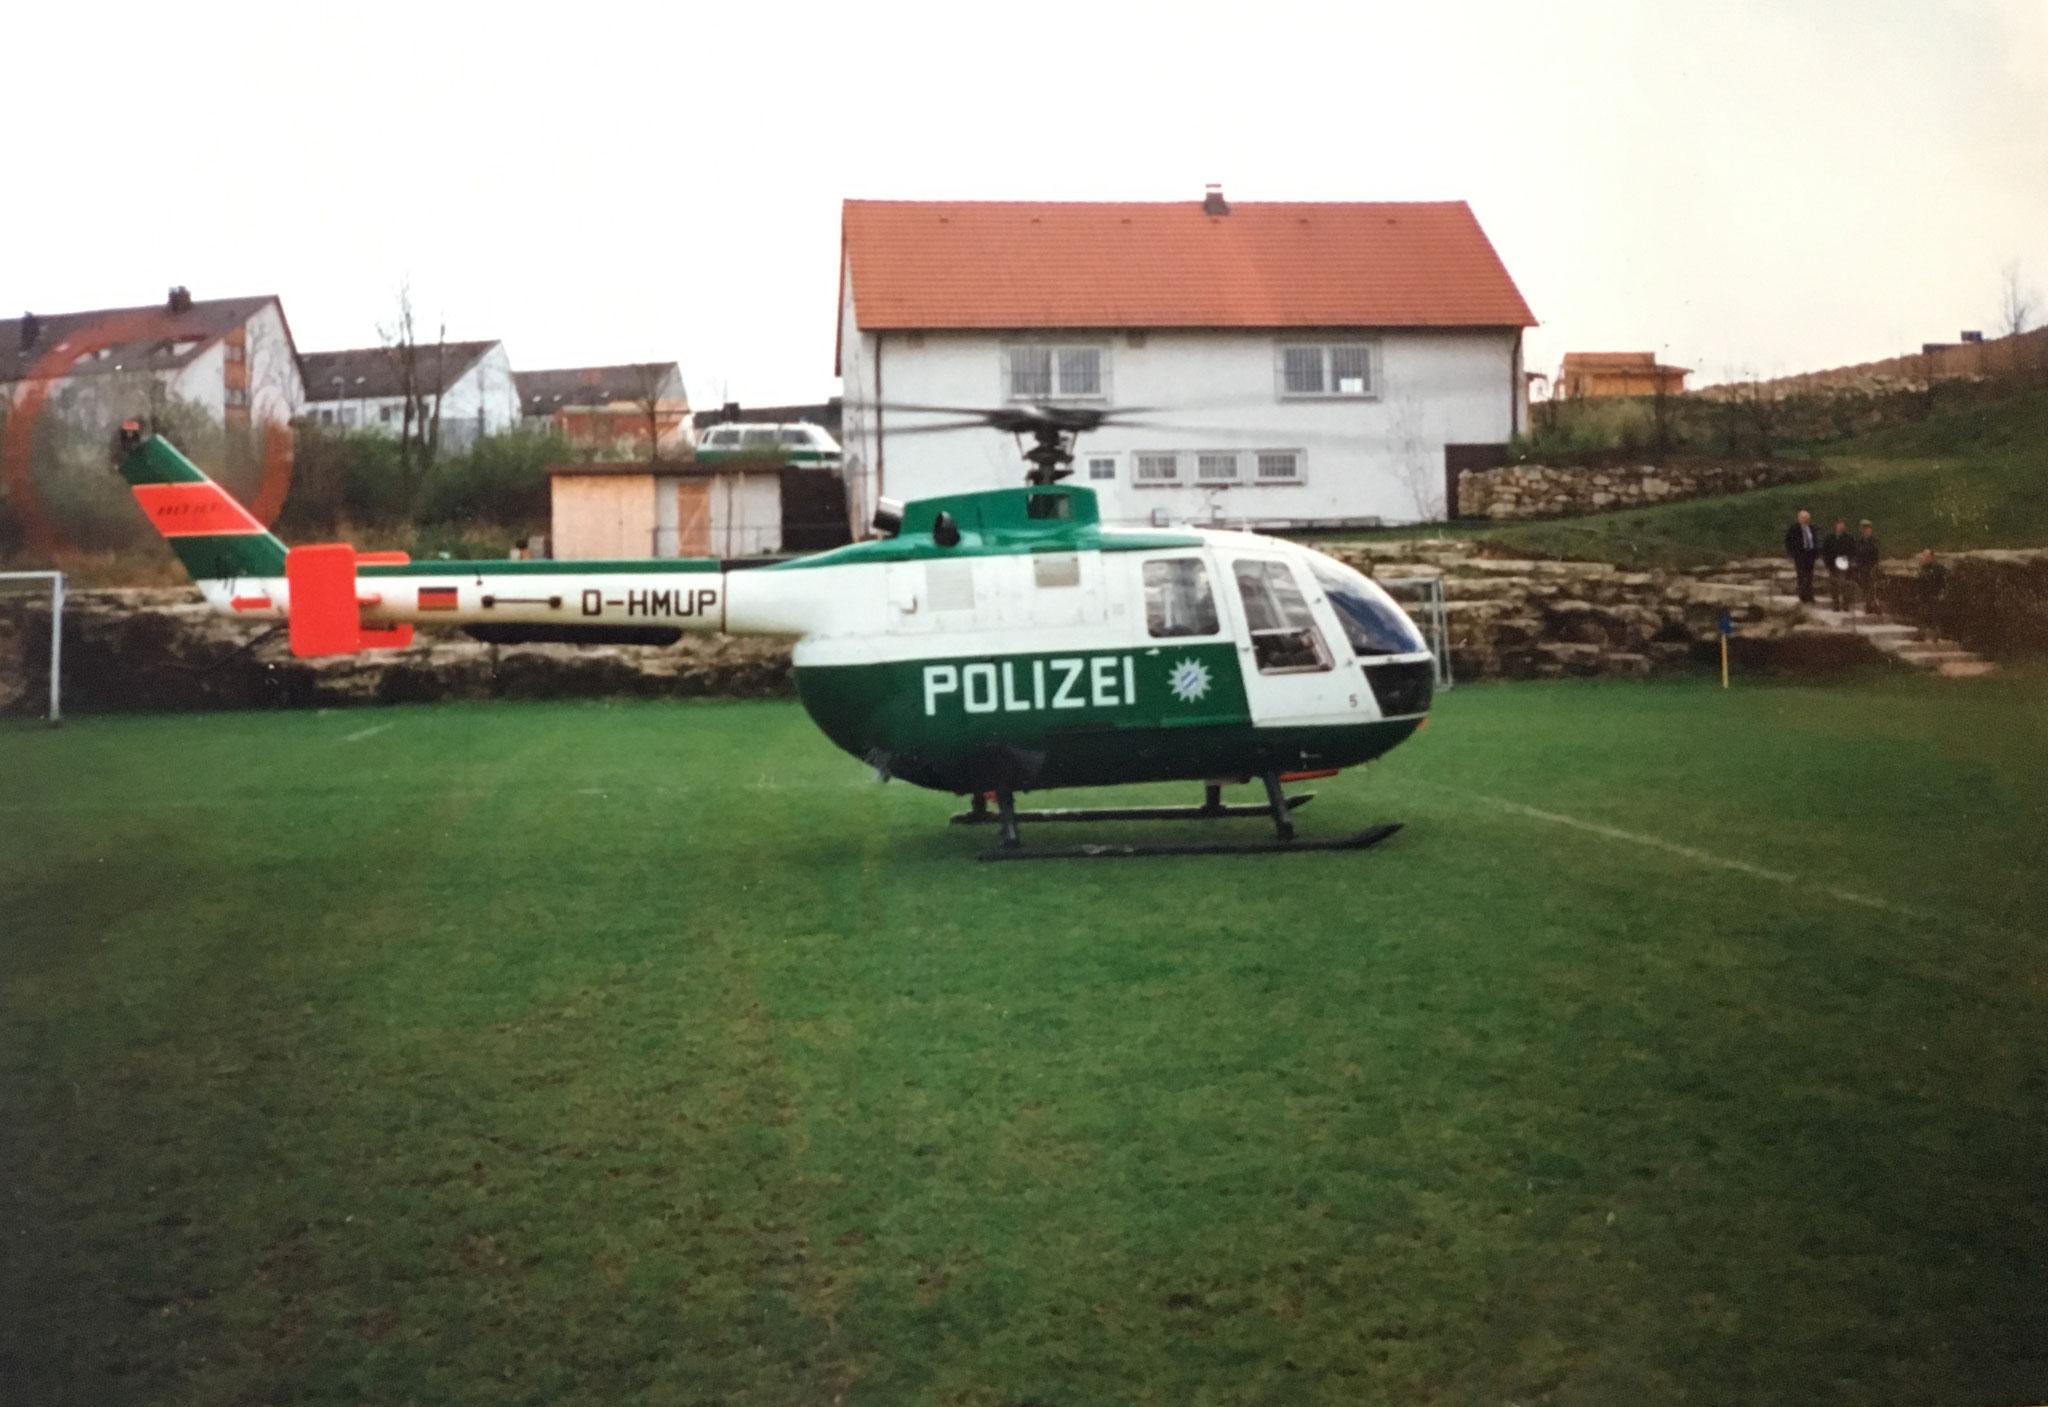 Am 28.04.1989 wird der Sportplatz der SpVgg Ziegetsdorf zum Hubschrauberlandeplatz. Staatssekretär Dr. Goppel landet in Regensburg.